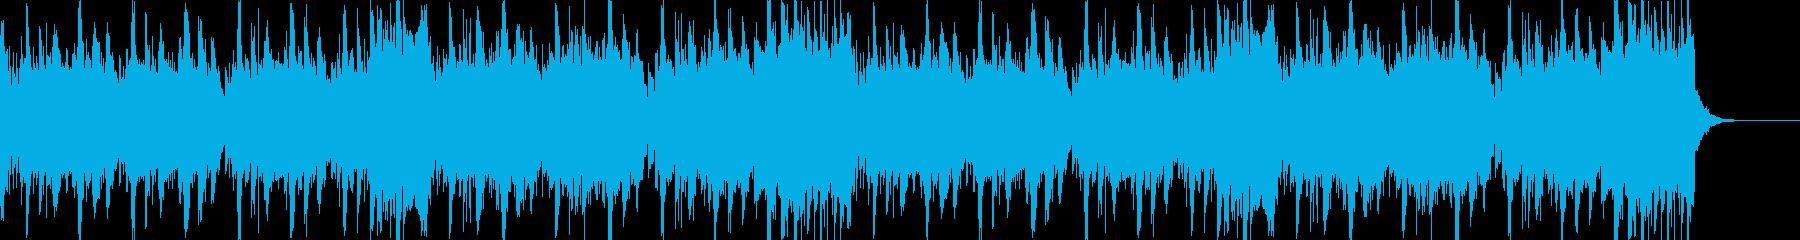 幻想的なフューチャーベースのジングルの再生済みの波形